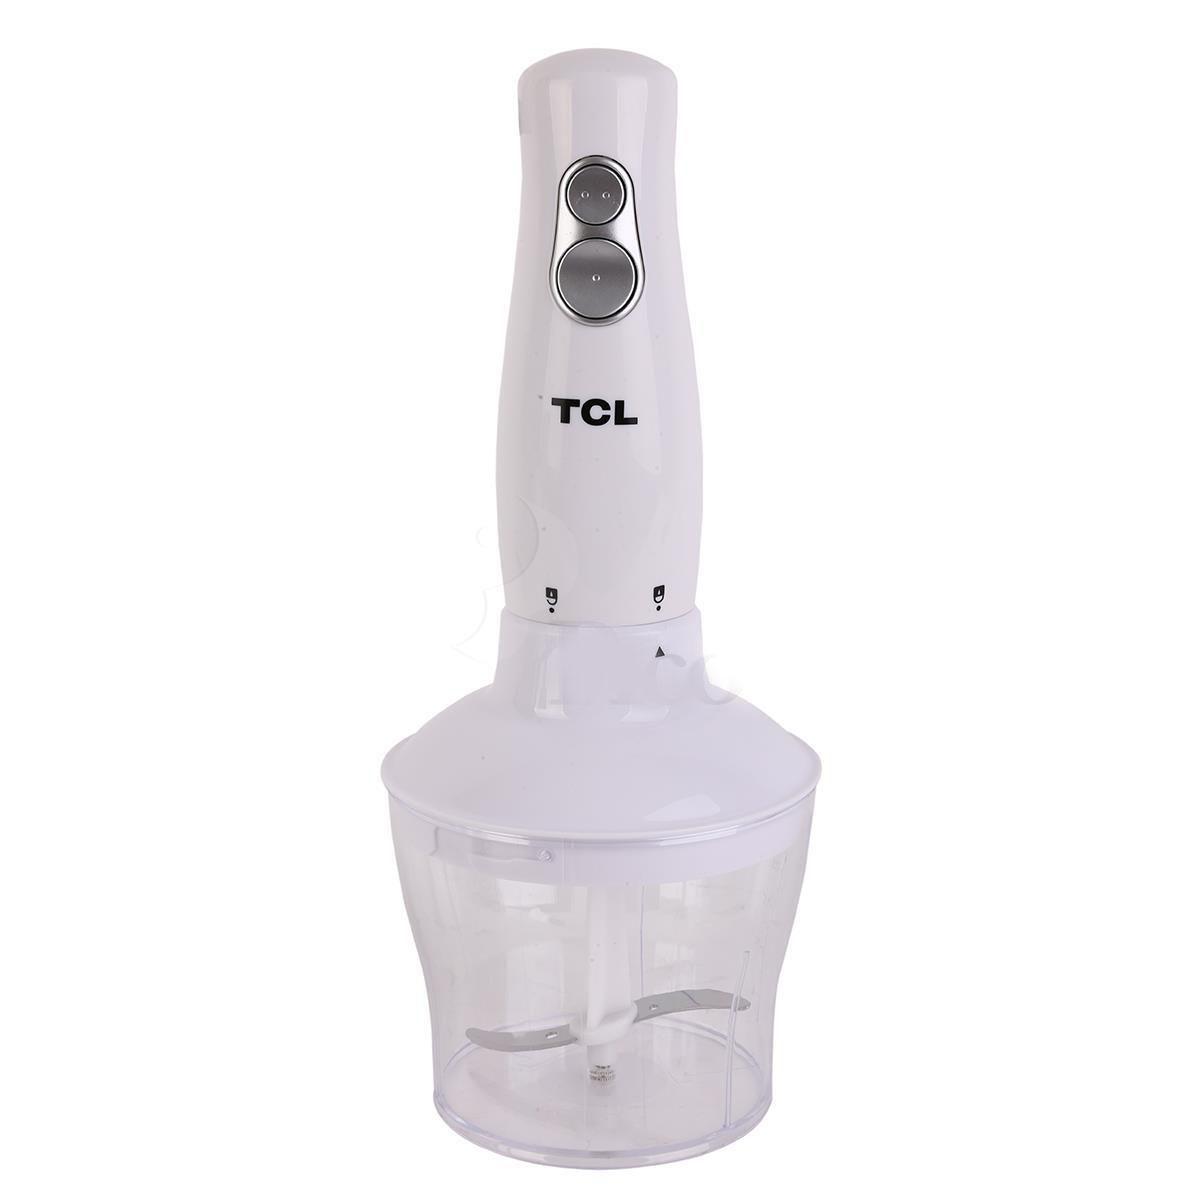 Máy xay đa năng cầm tay TCL TM-PA30-108 dung tích 800ml công xuất 300W